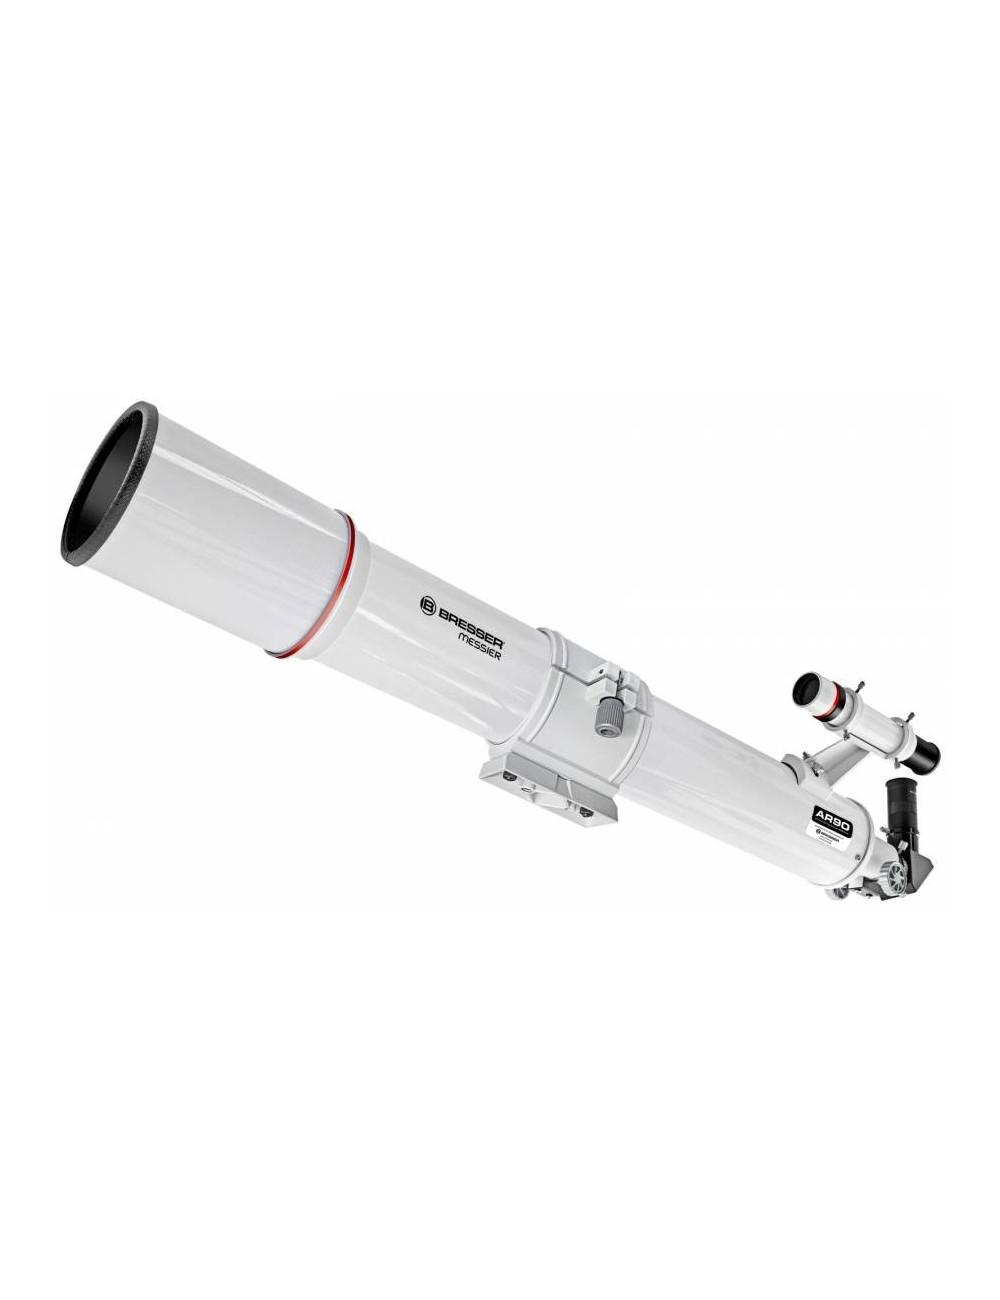 Tube optique Bresser Messier AR-90 90/900